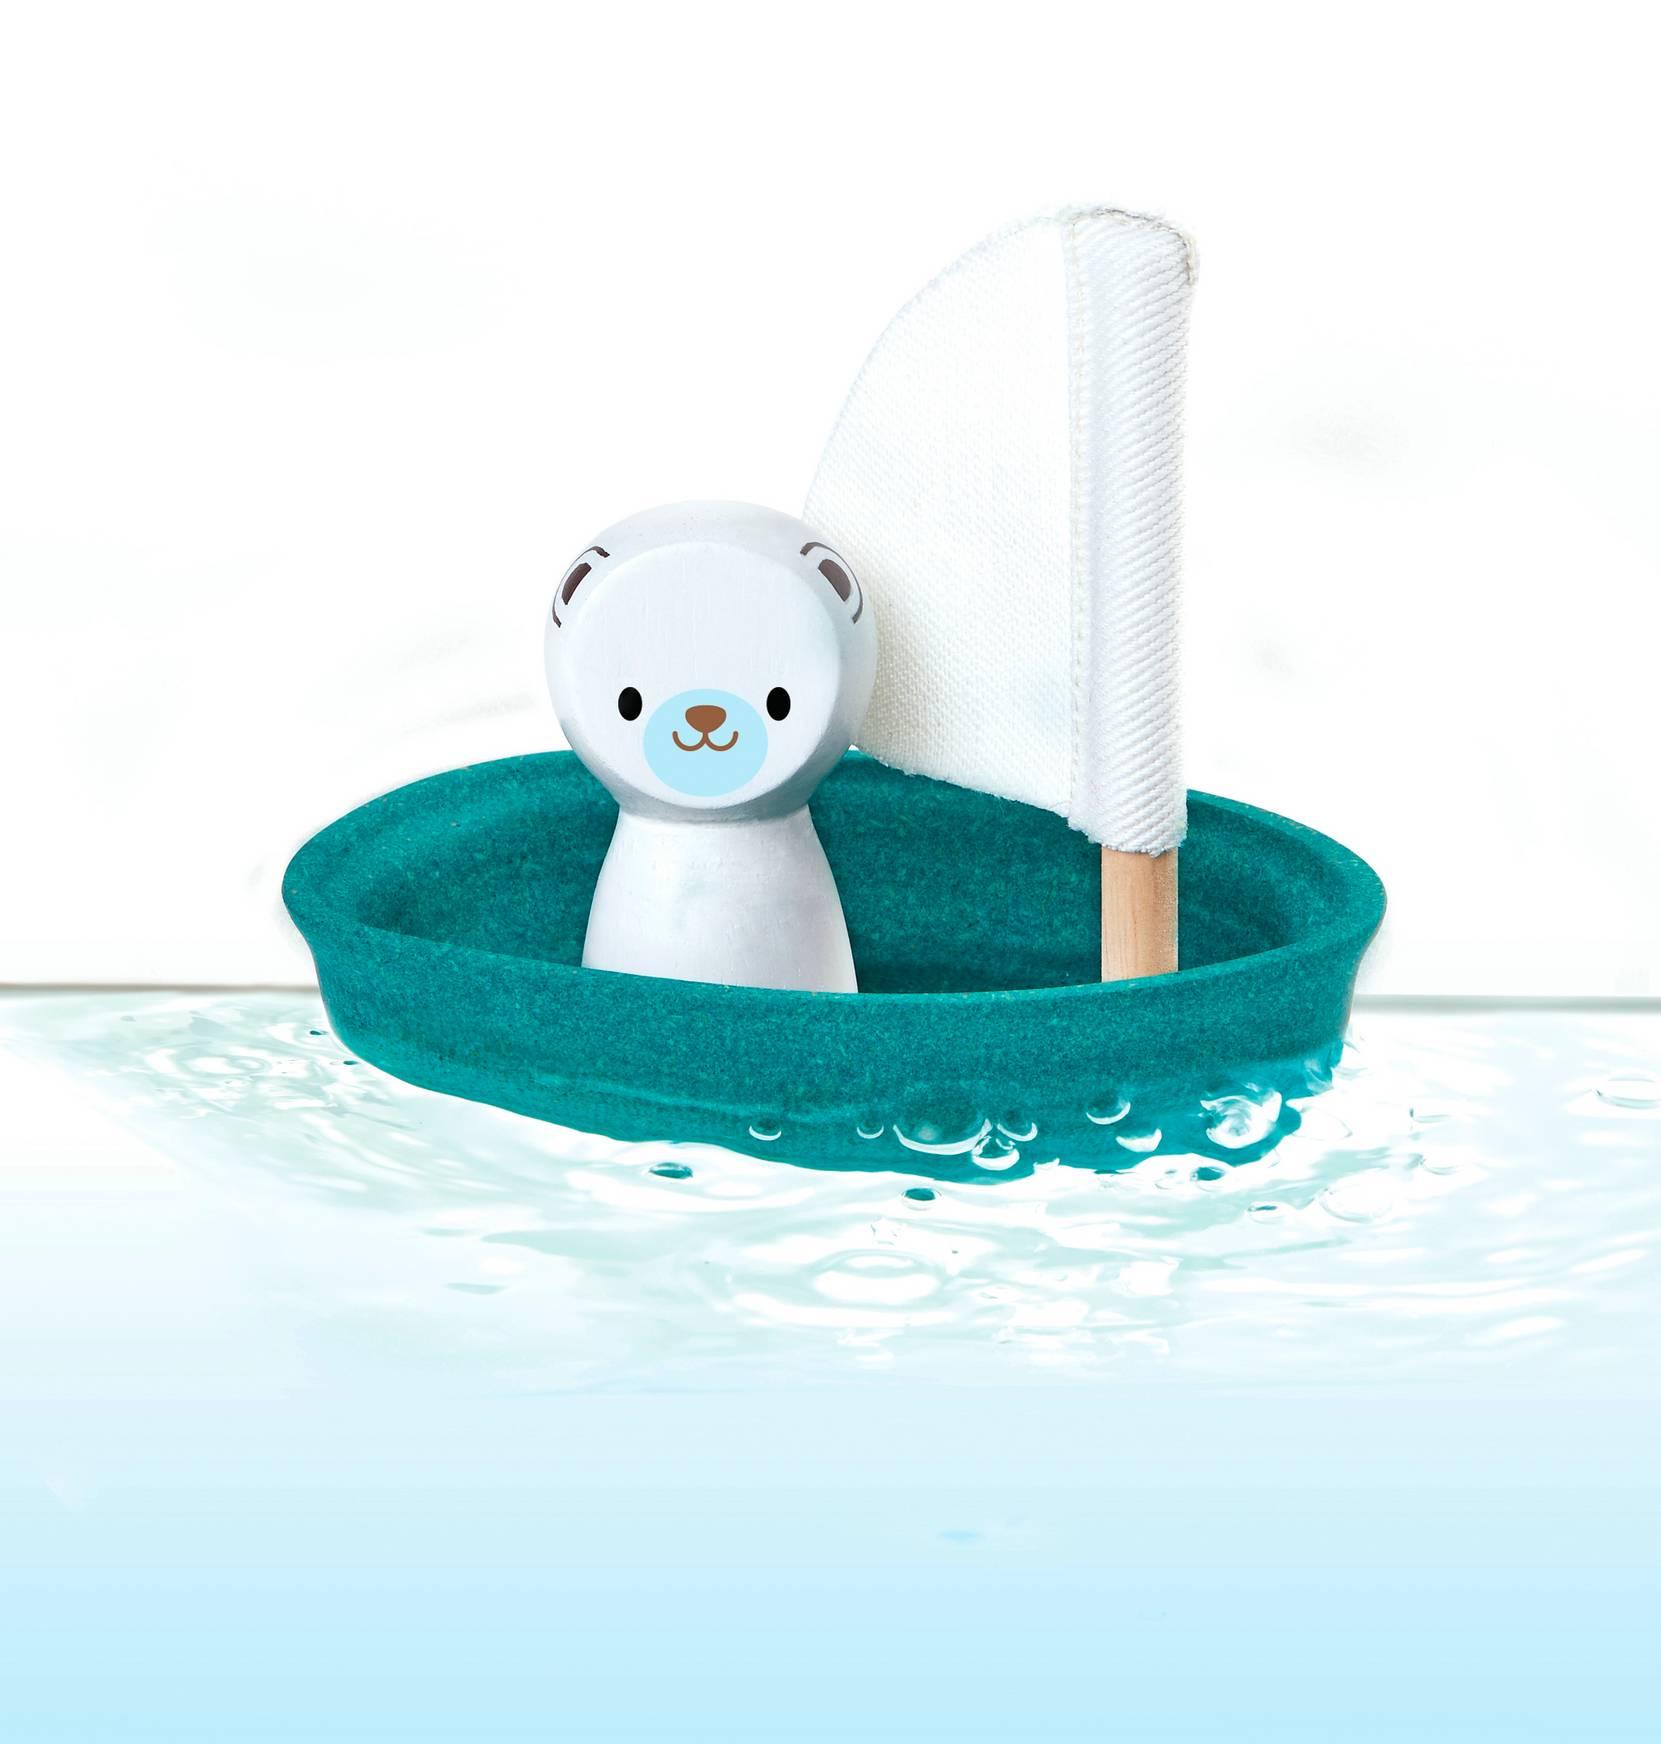 Sailing Boat Polar – Økologisk Trælegetøj PlanToys Pusle & pleje til Børn i